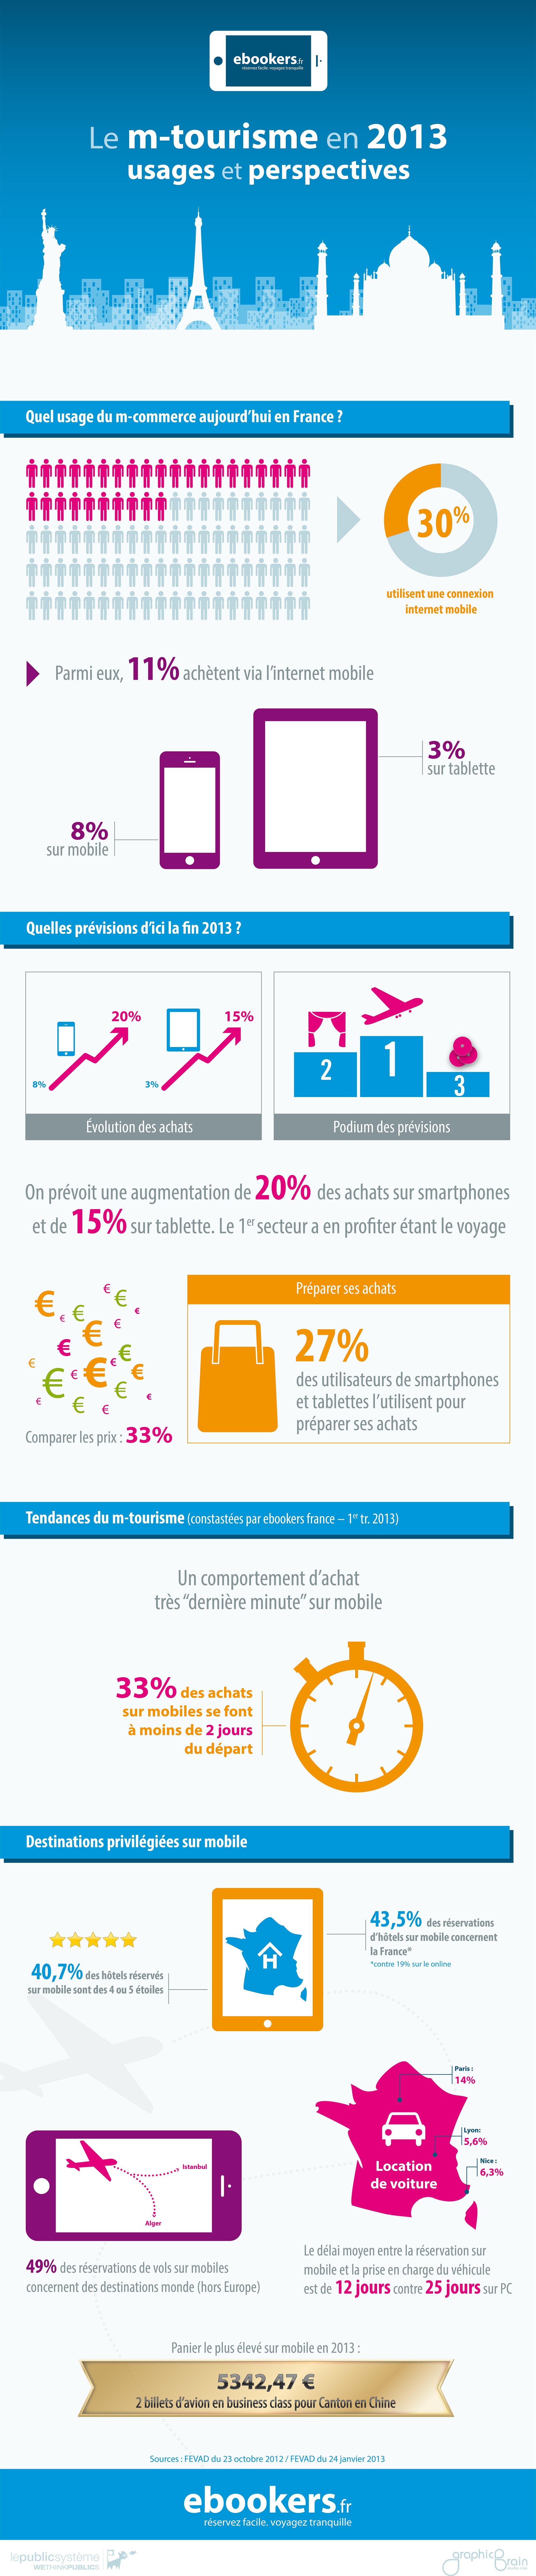 [Infographie] Le tourisme mobile en 2013 infographie ebookers 8